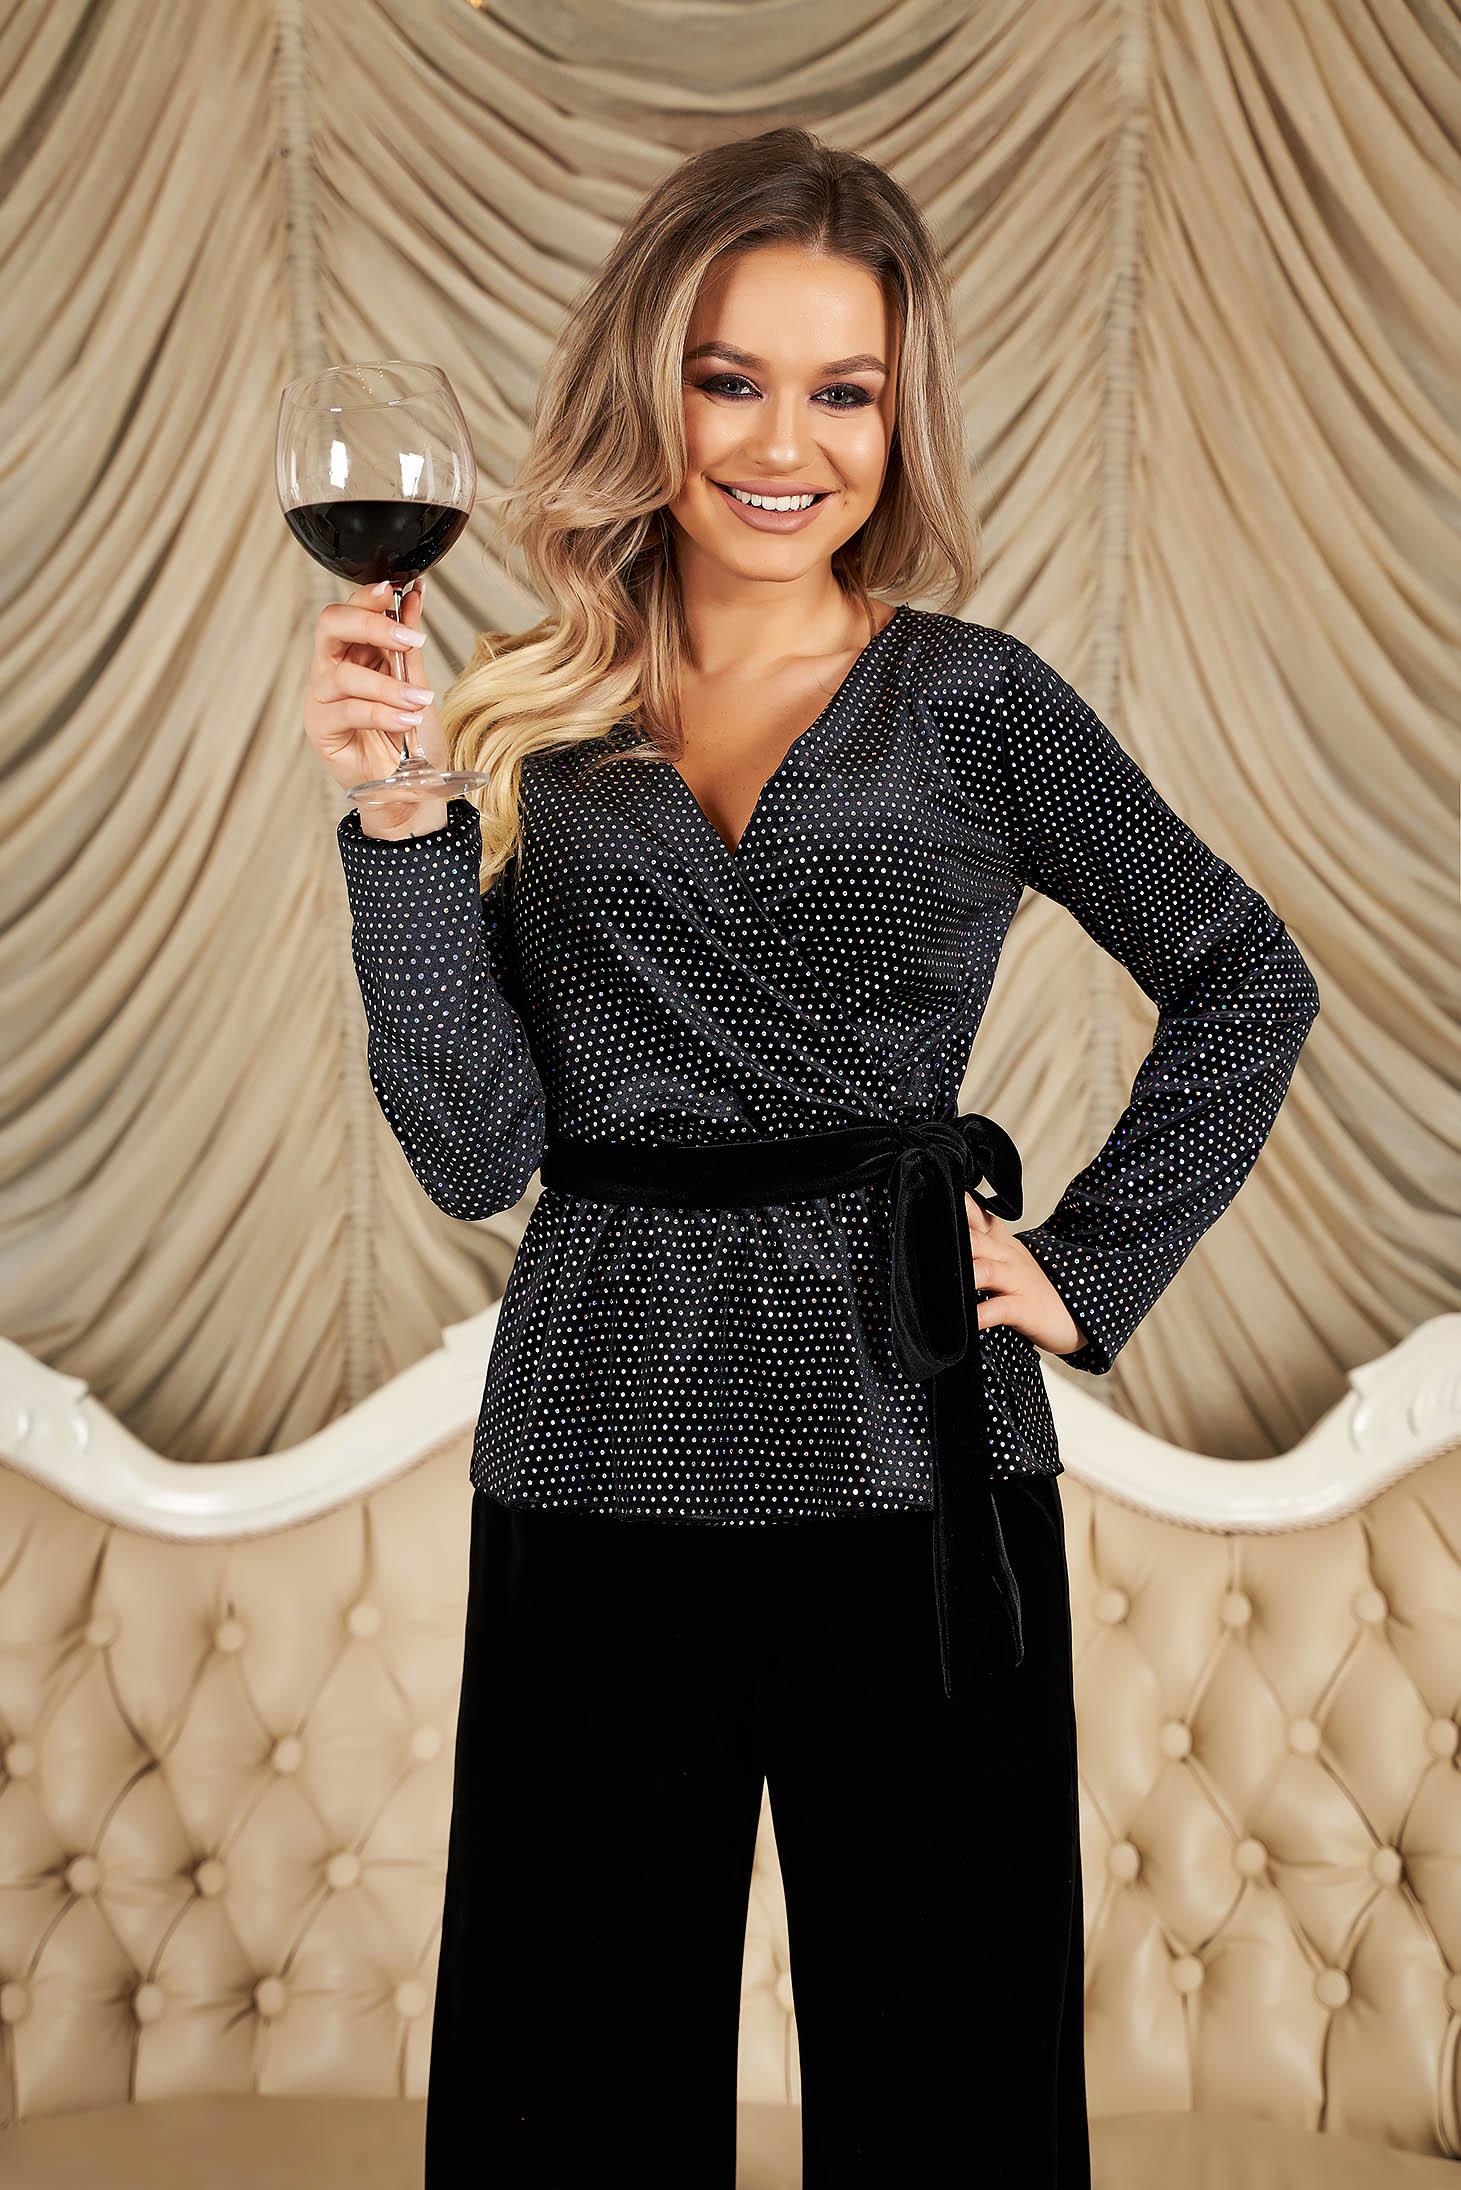 Bluza dama StarShinerS neagra de ocazie cu decolteu petrecut cu maneci lungi si cordon cu fundita in talie